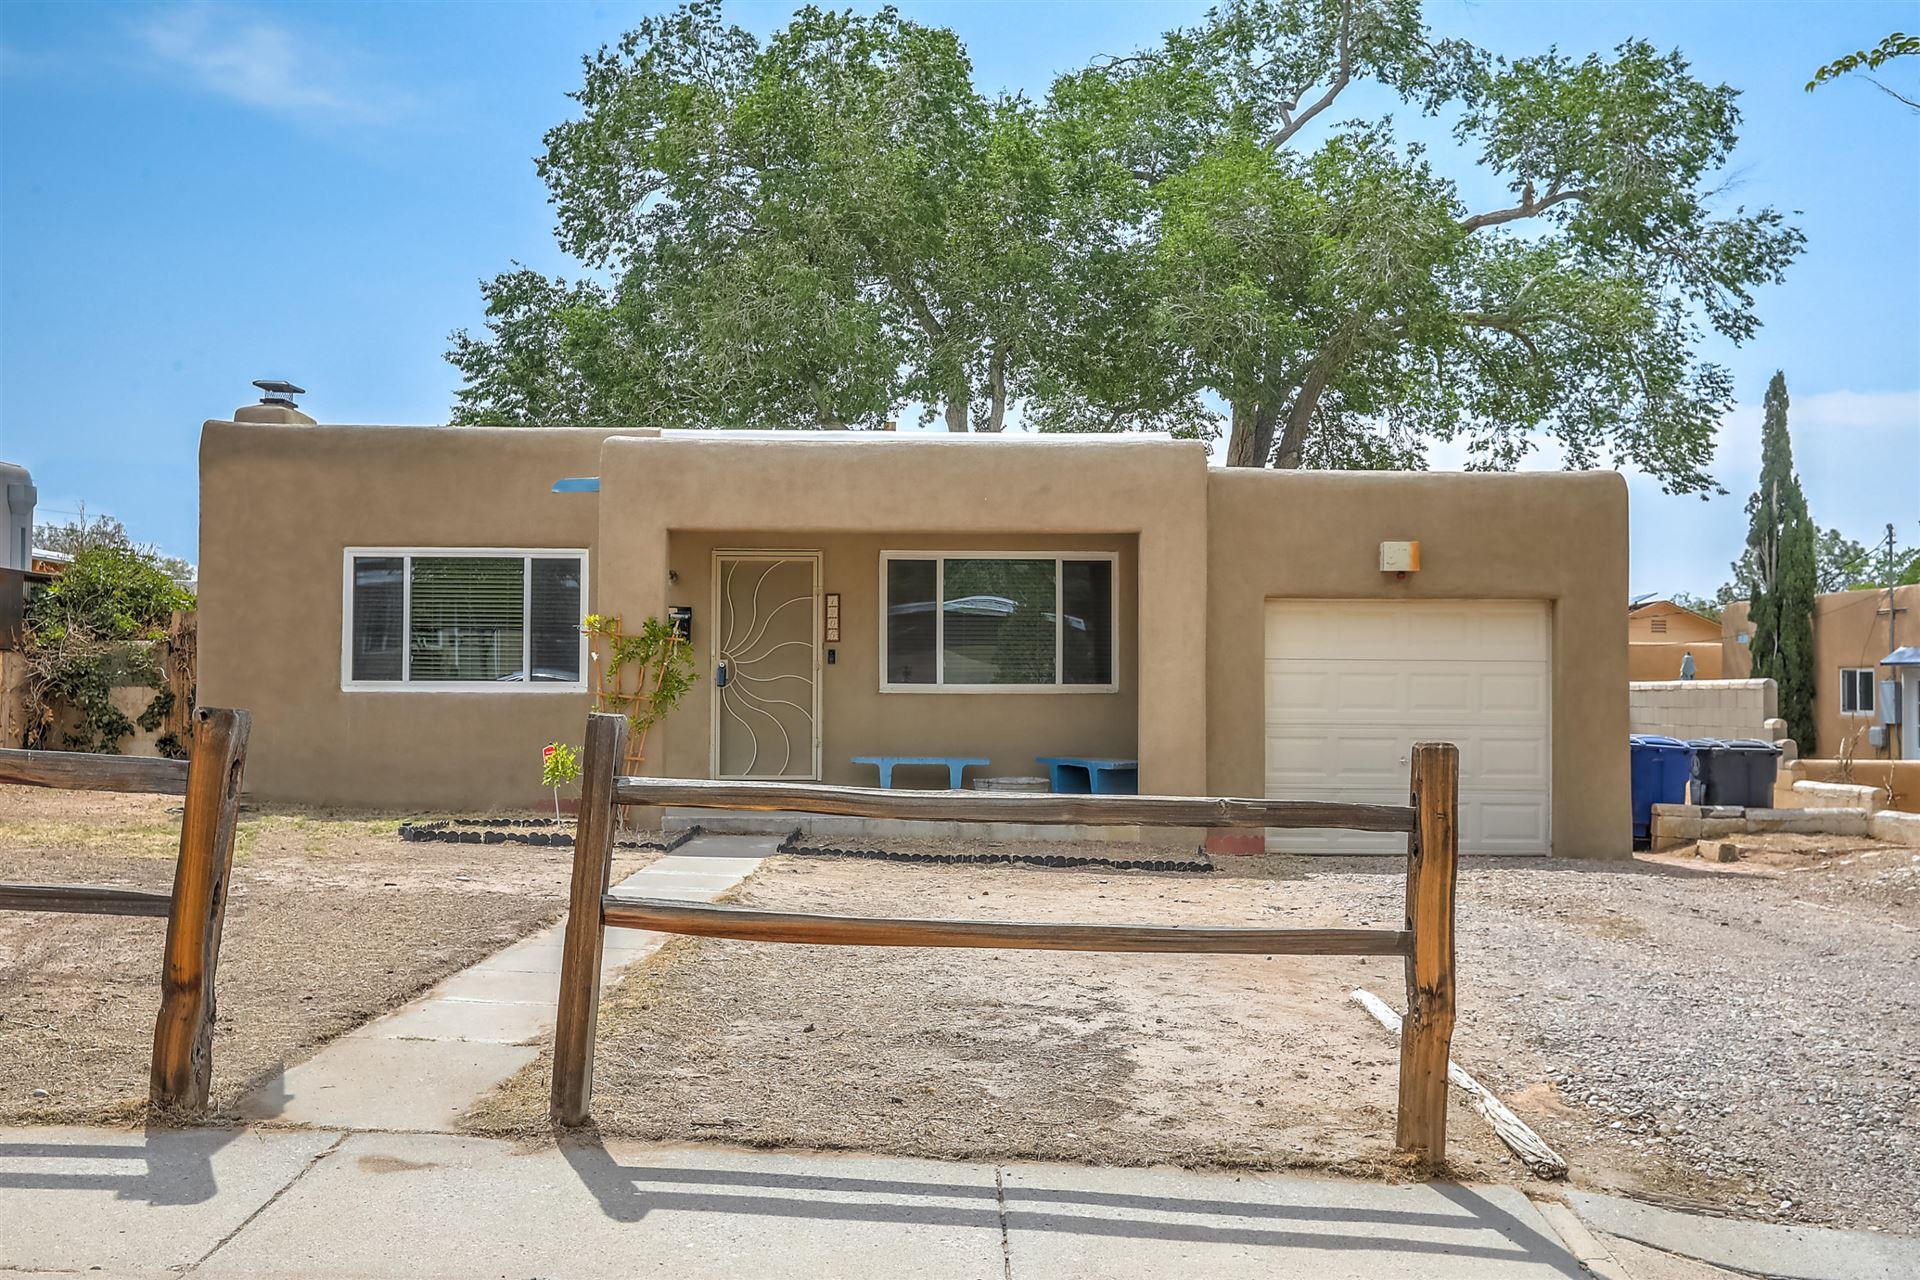 Photo of 1205 VASSAR Drive SE, Albuquerque, NM 87106 (MLS # 994734)